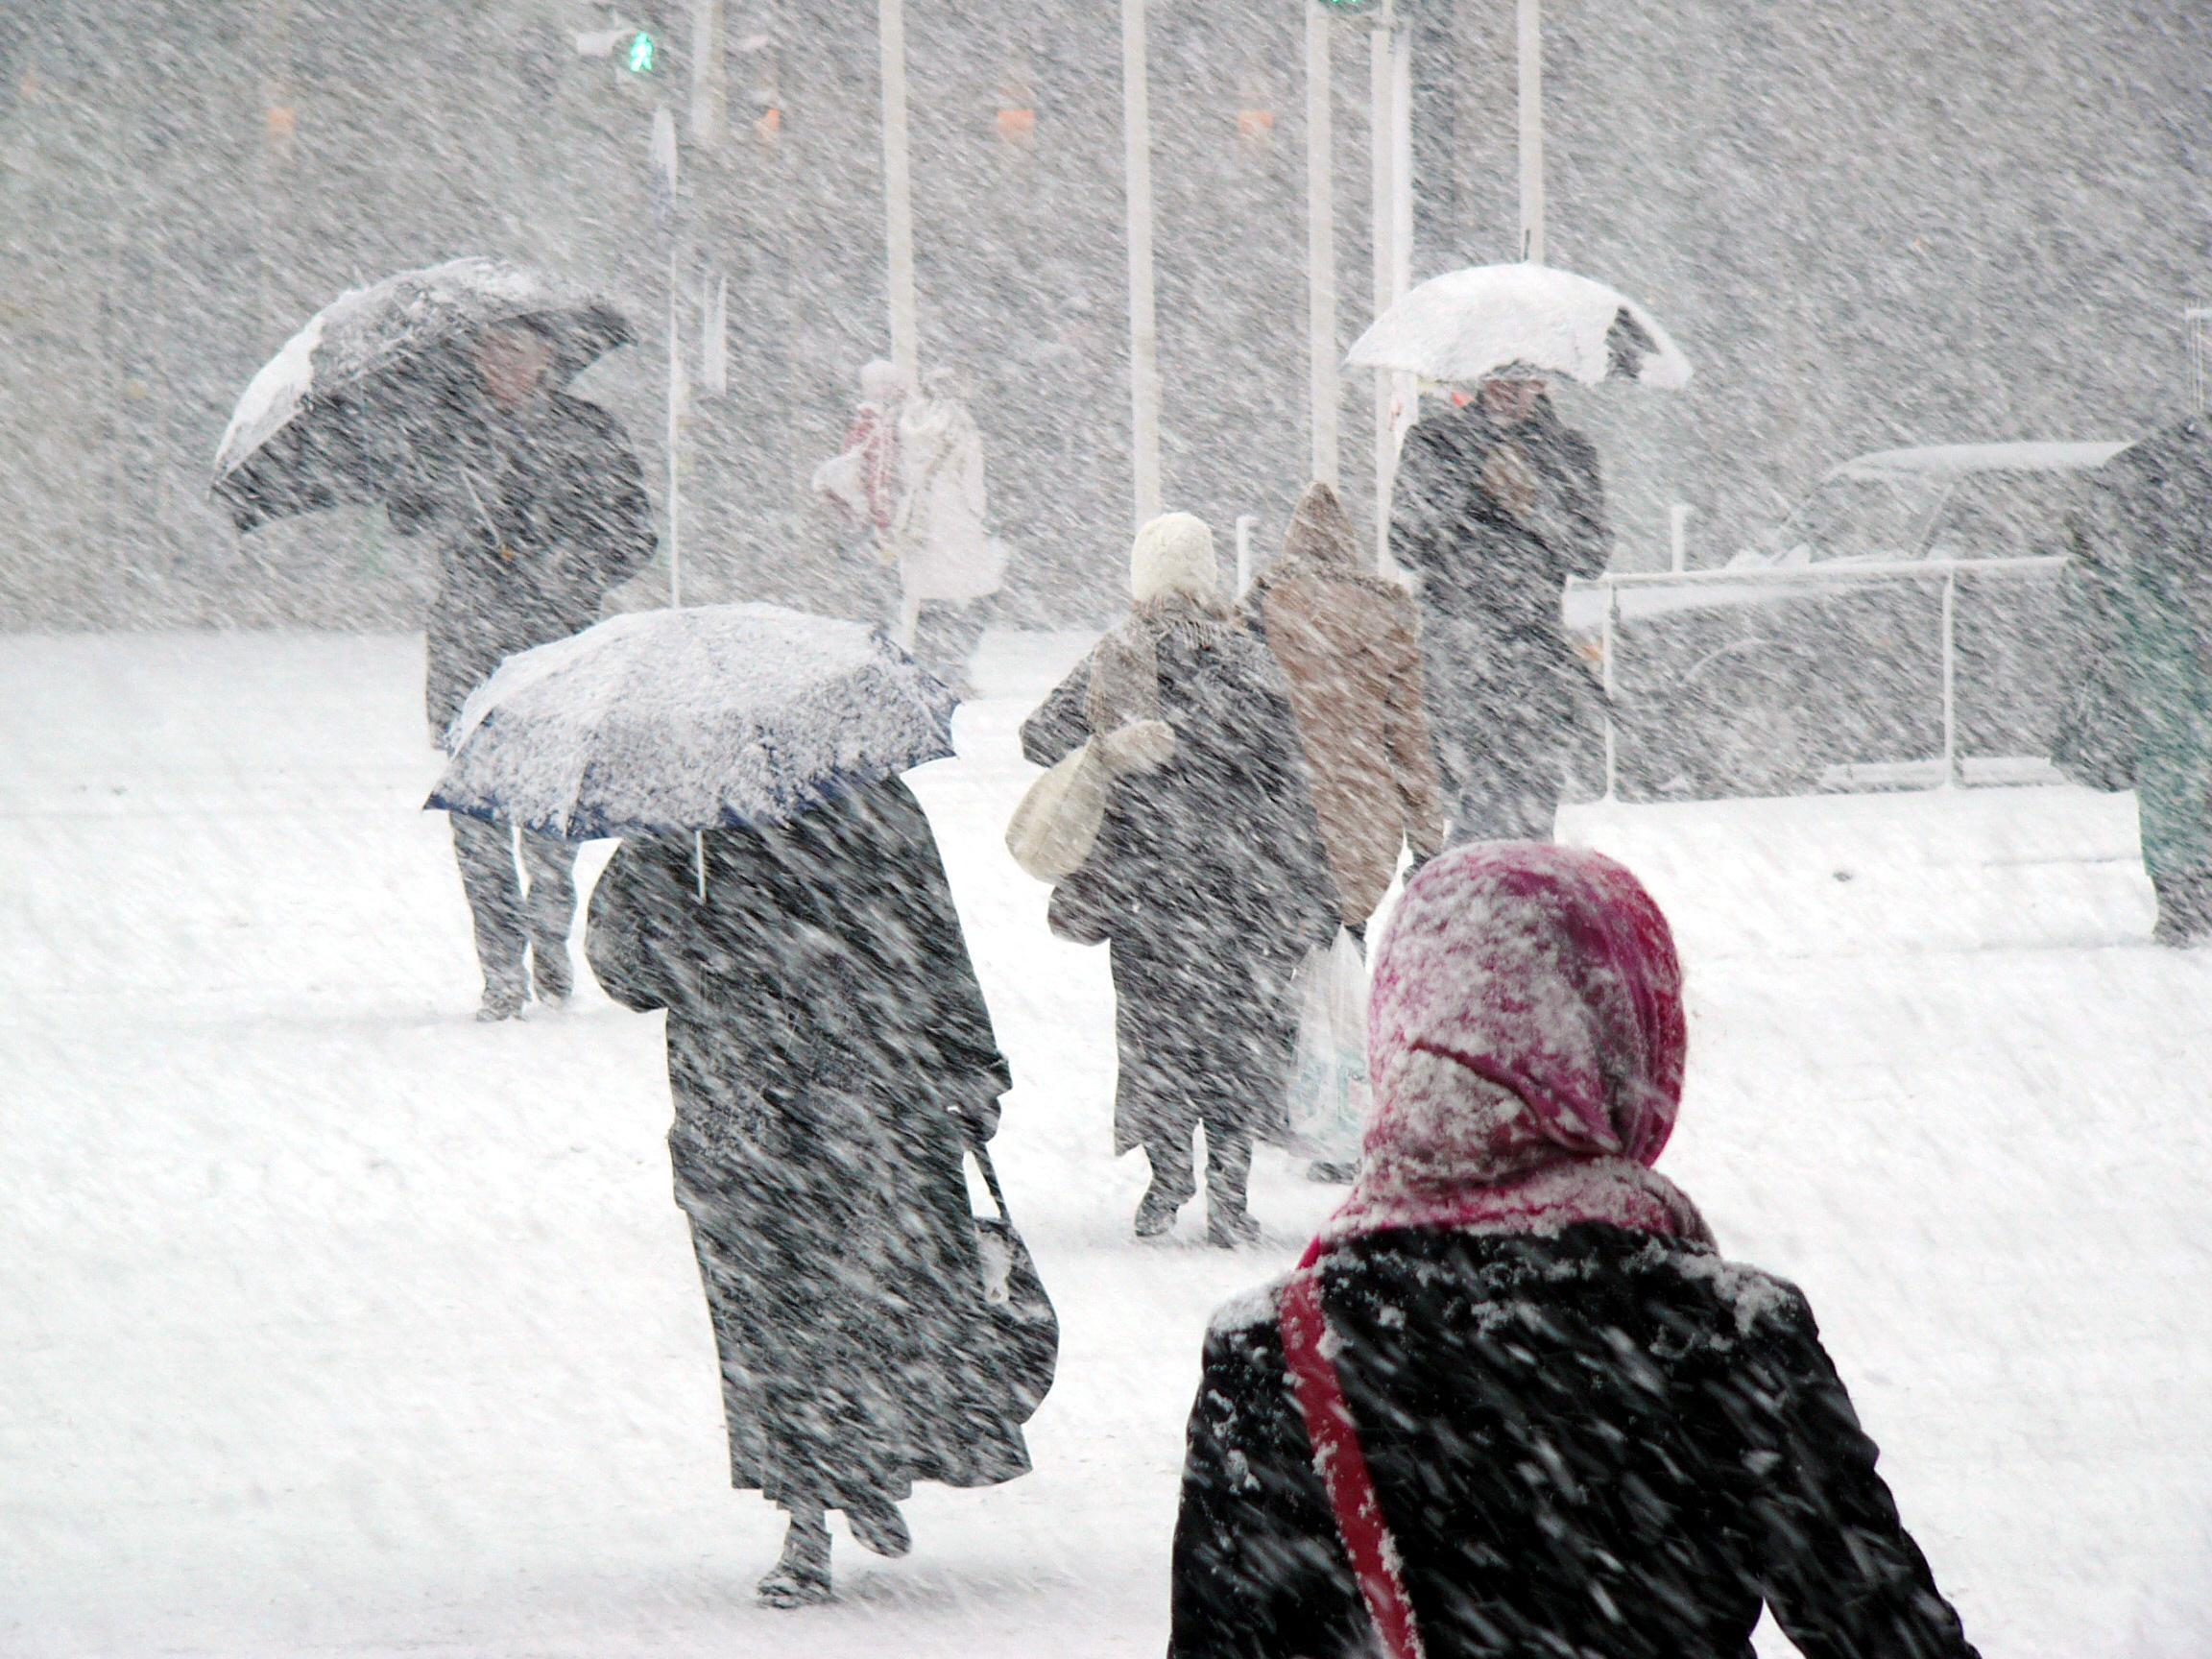 Alertă ANM! Ninsorile lovesc din nou. Vremea se răcește brusc și se anunță iarnă. Care sunt zonele afectate